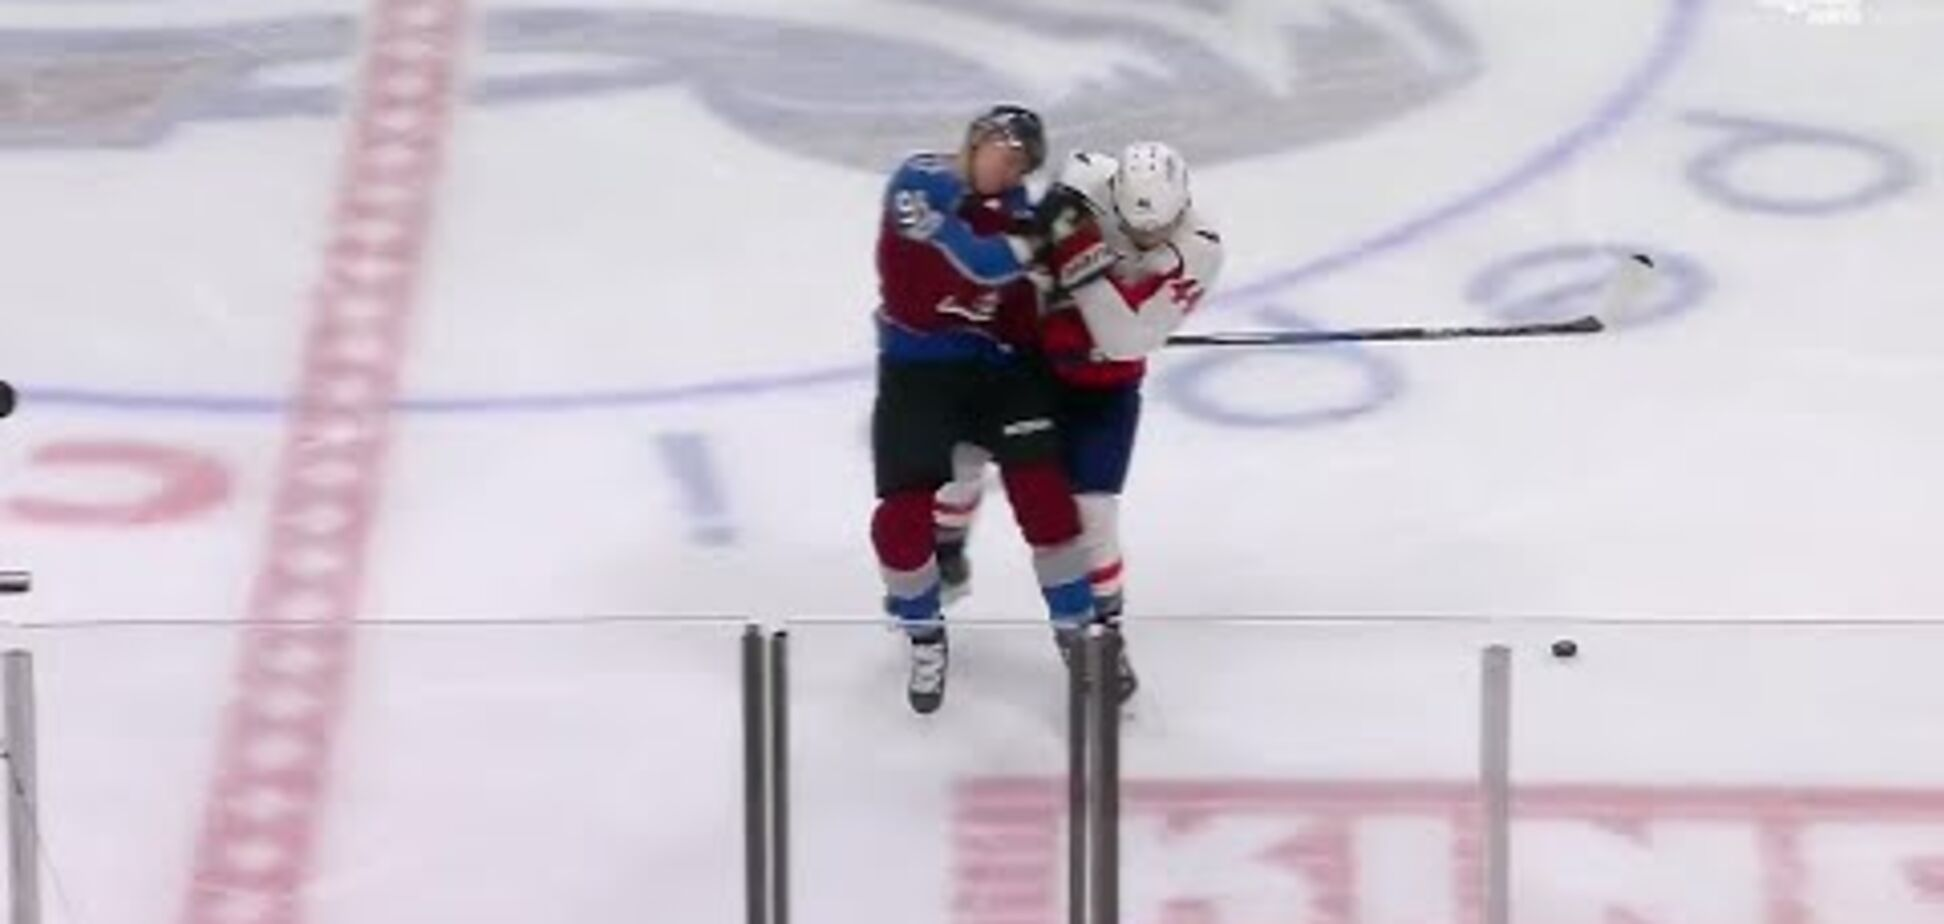 Російського хокеїста вирубили у дебютному матчі НХЛ забійним прийомом: опубліковано відео